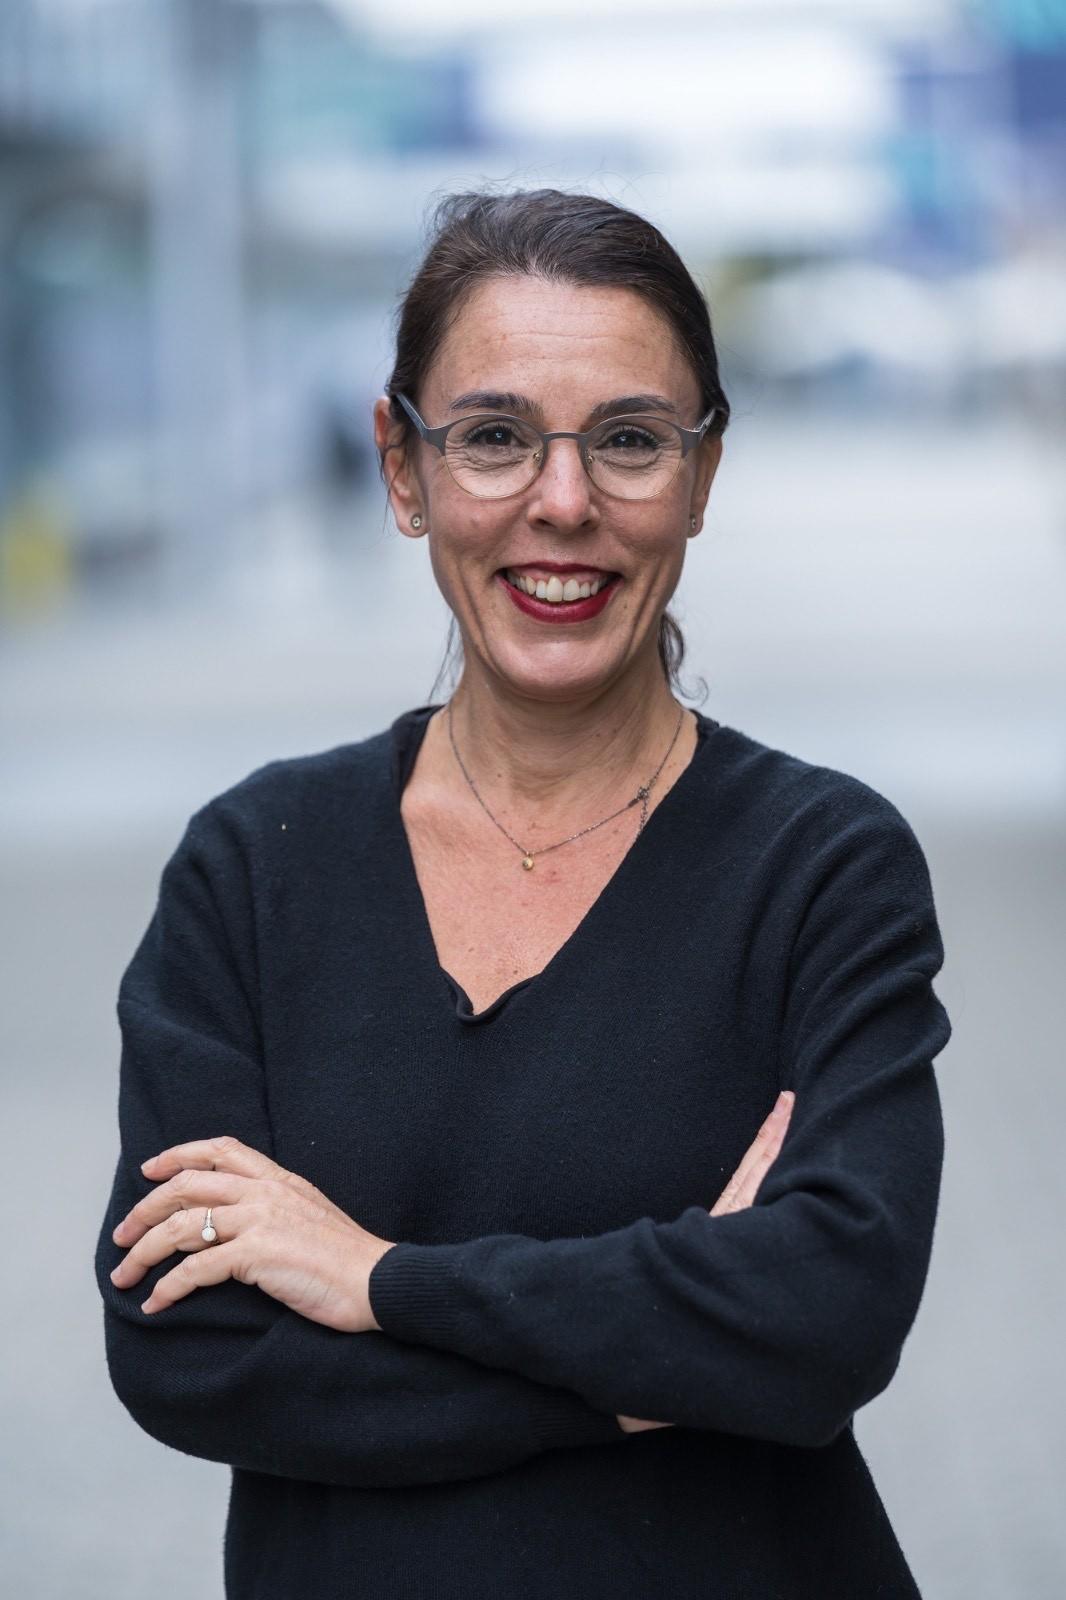 Laura Campos Valverde